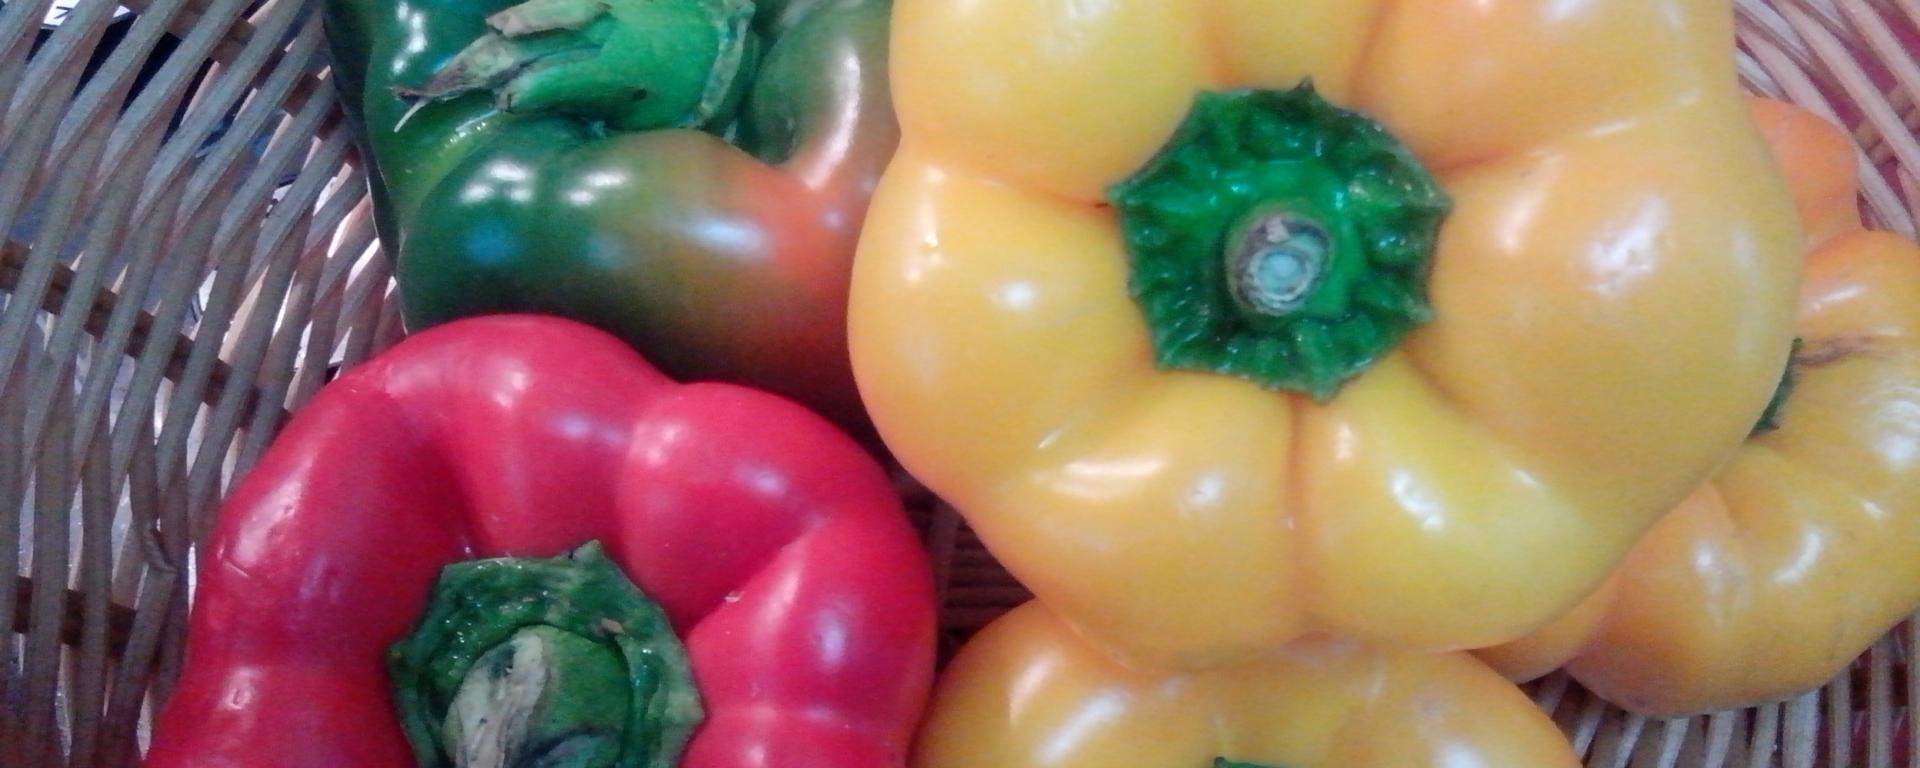 Coloured capsicums